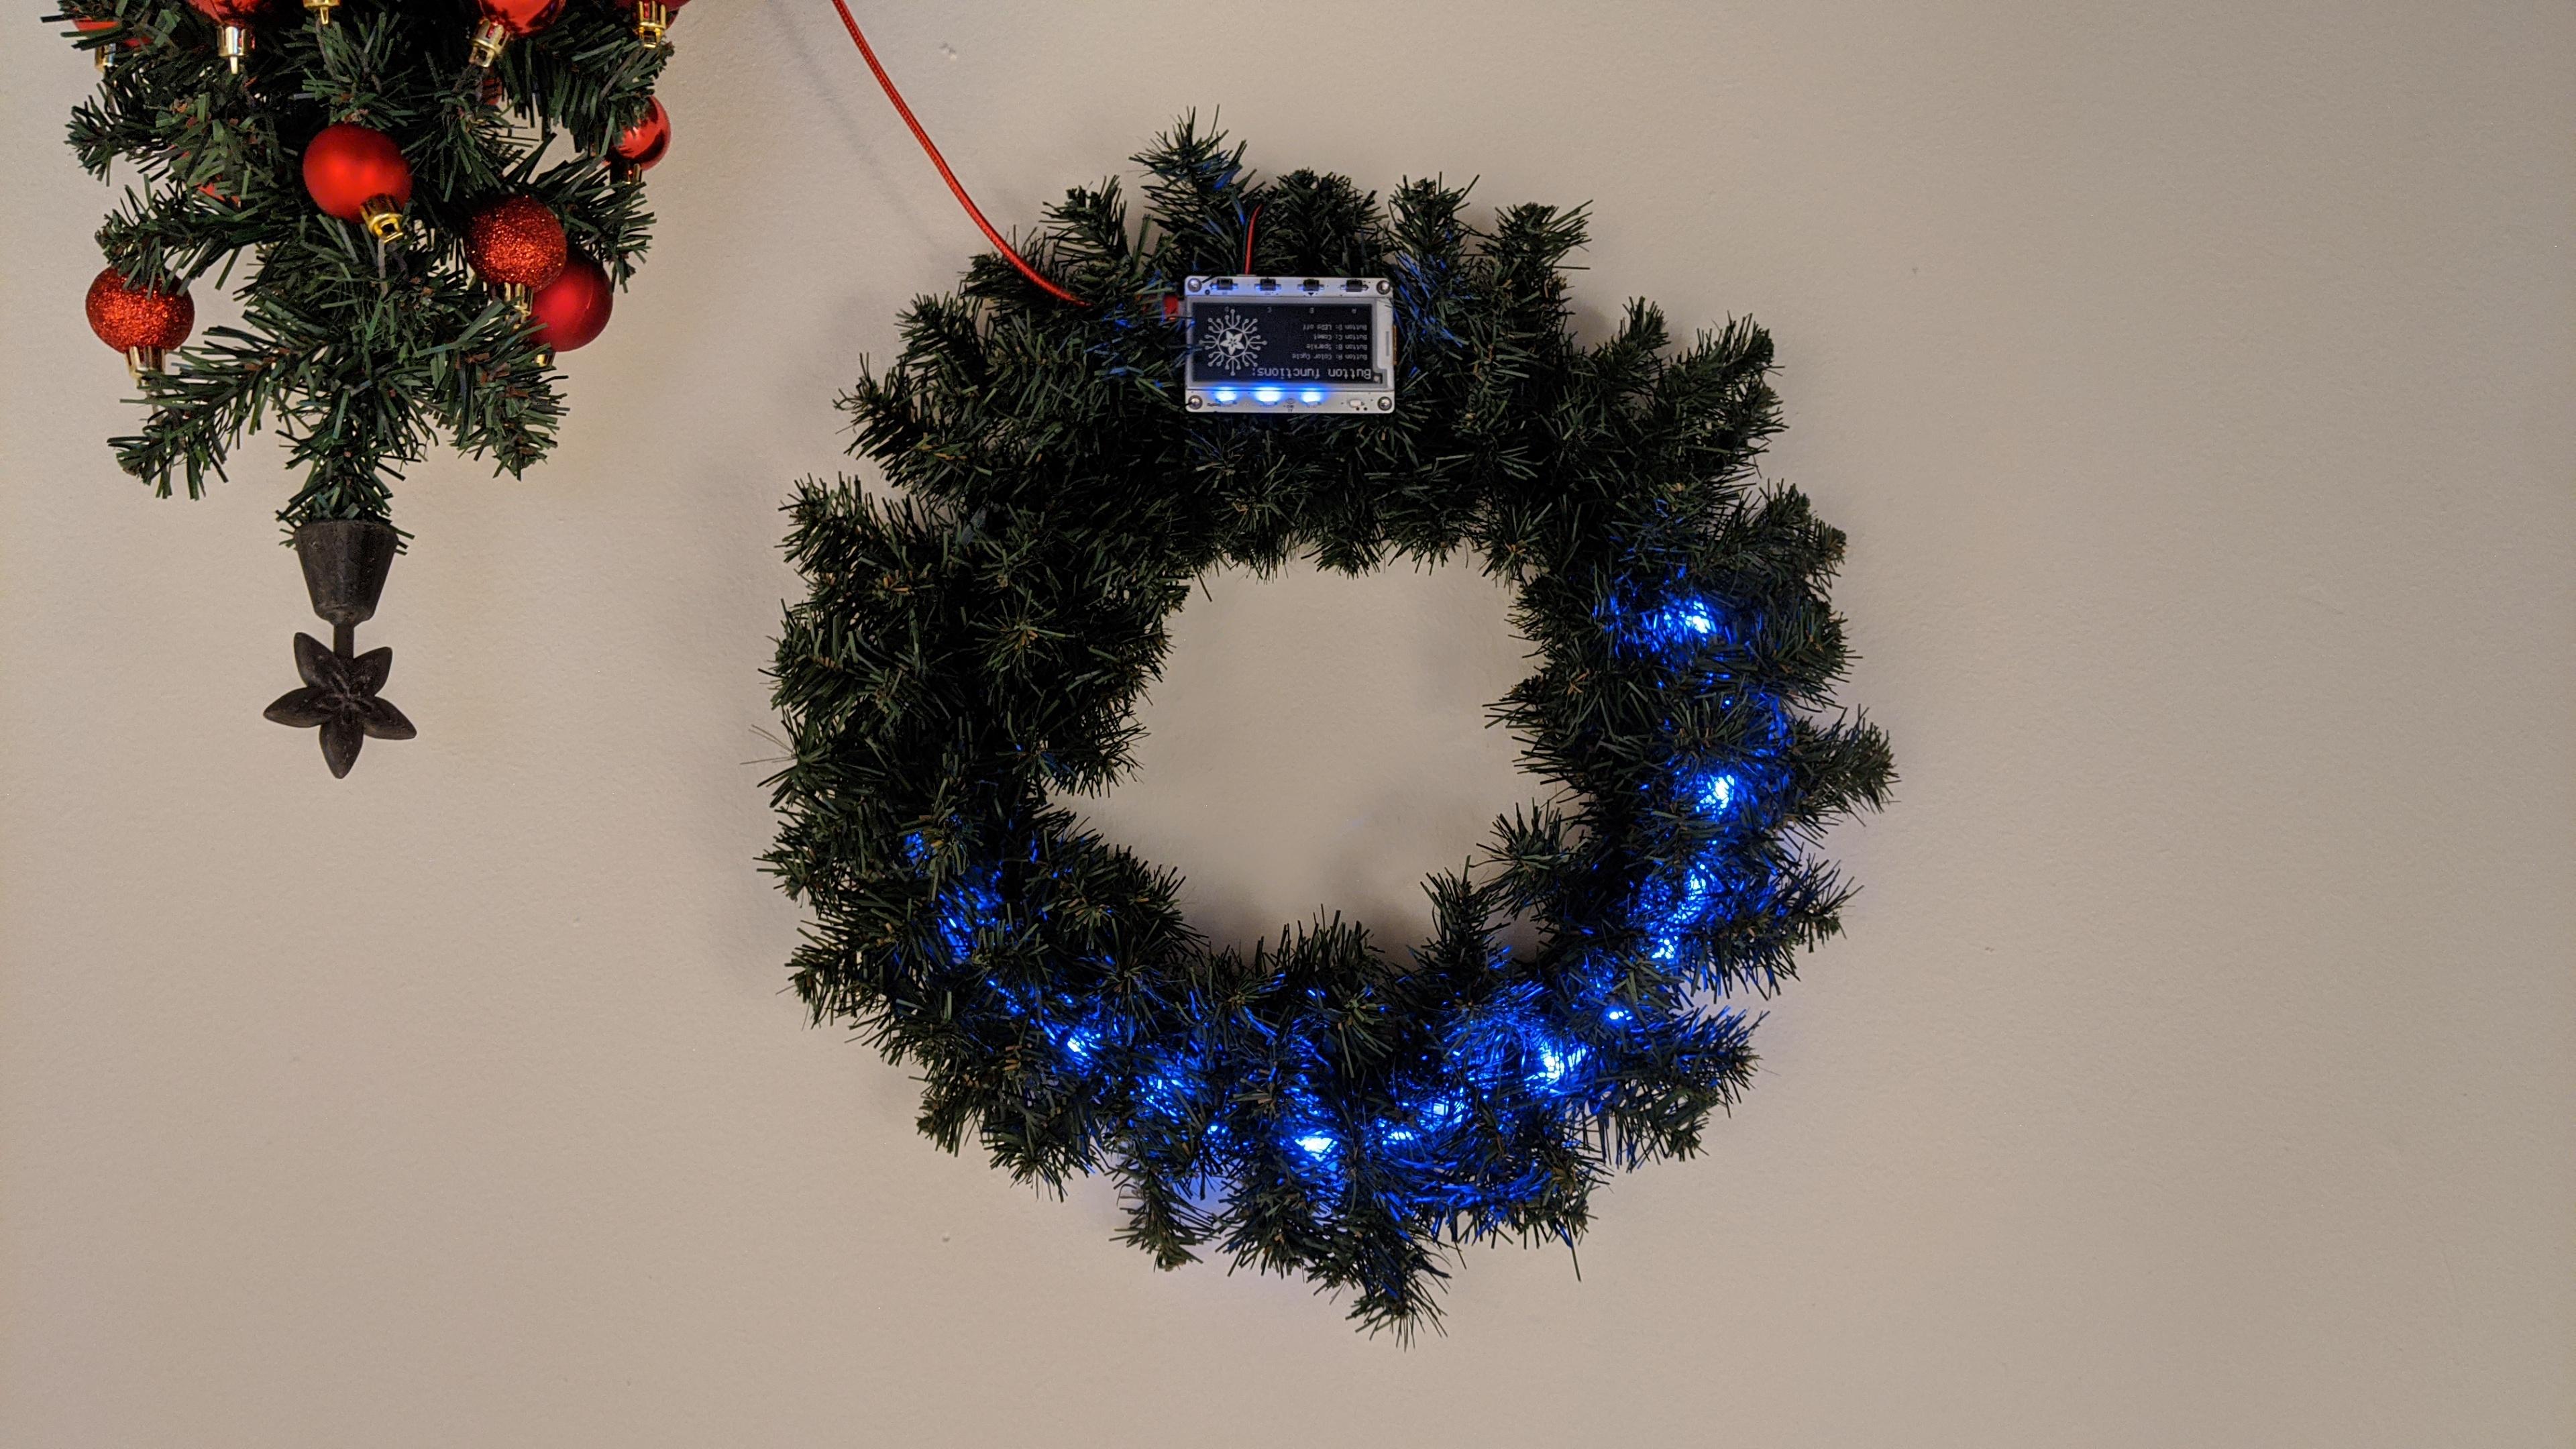 led_strips_MagTag_LED_blue_comet.jpg